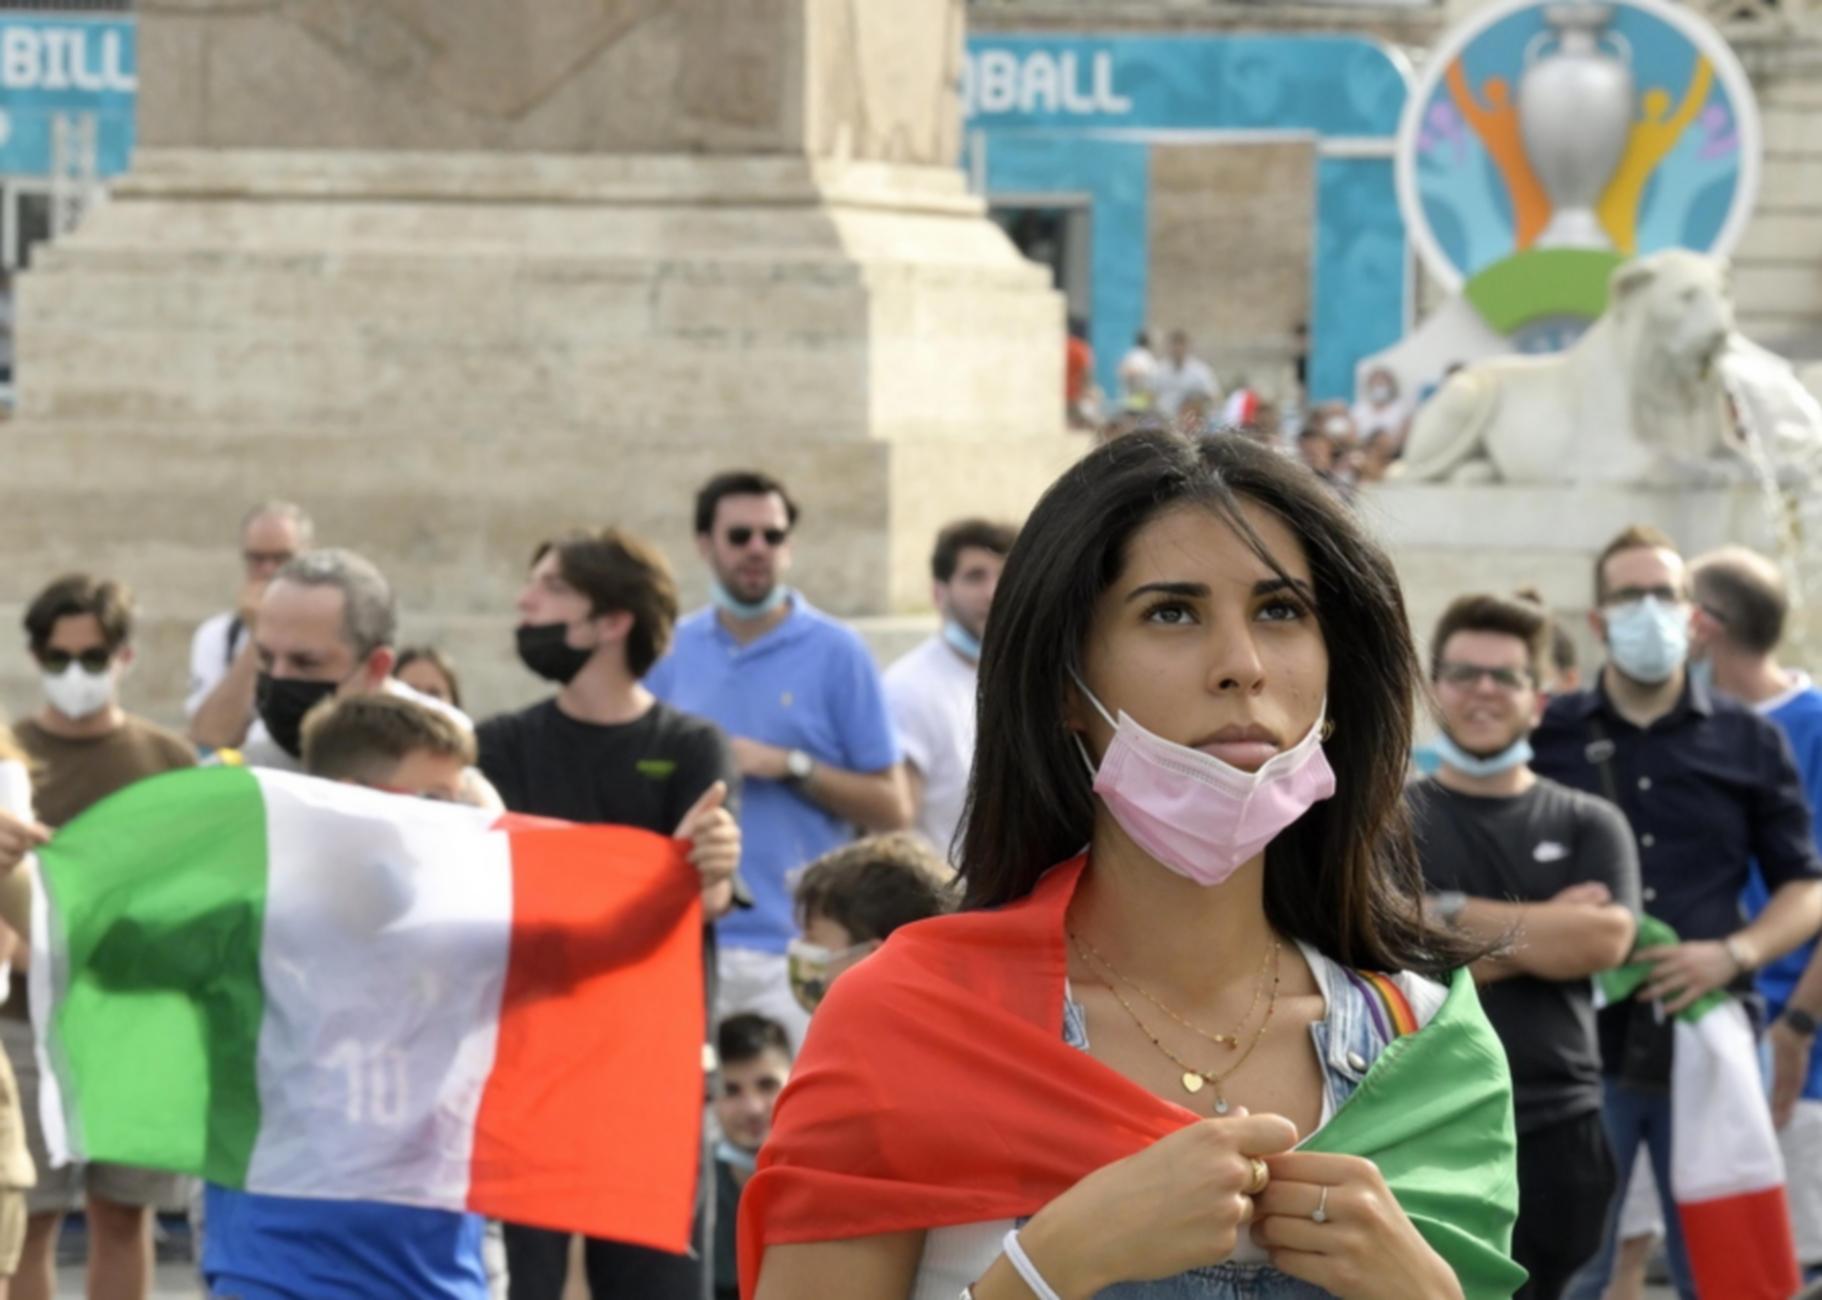 Euro 2020: Τρεις στις δέκα Ιταλίδες ψάχνονται για να απατήσουν κατά τη διάρκεια του τουρνουά